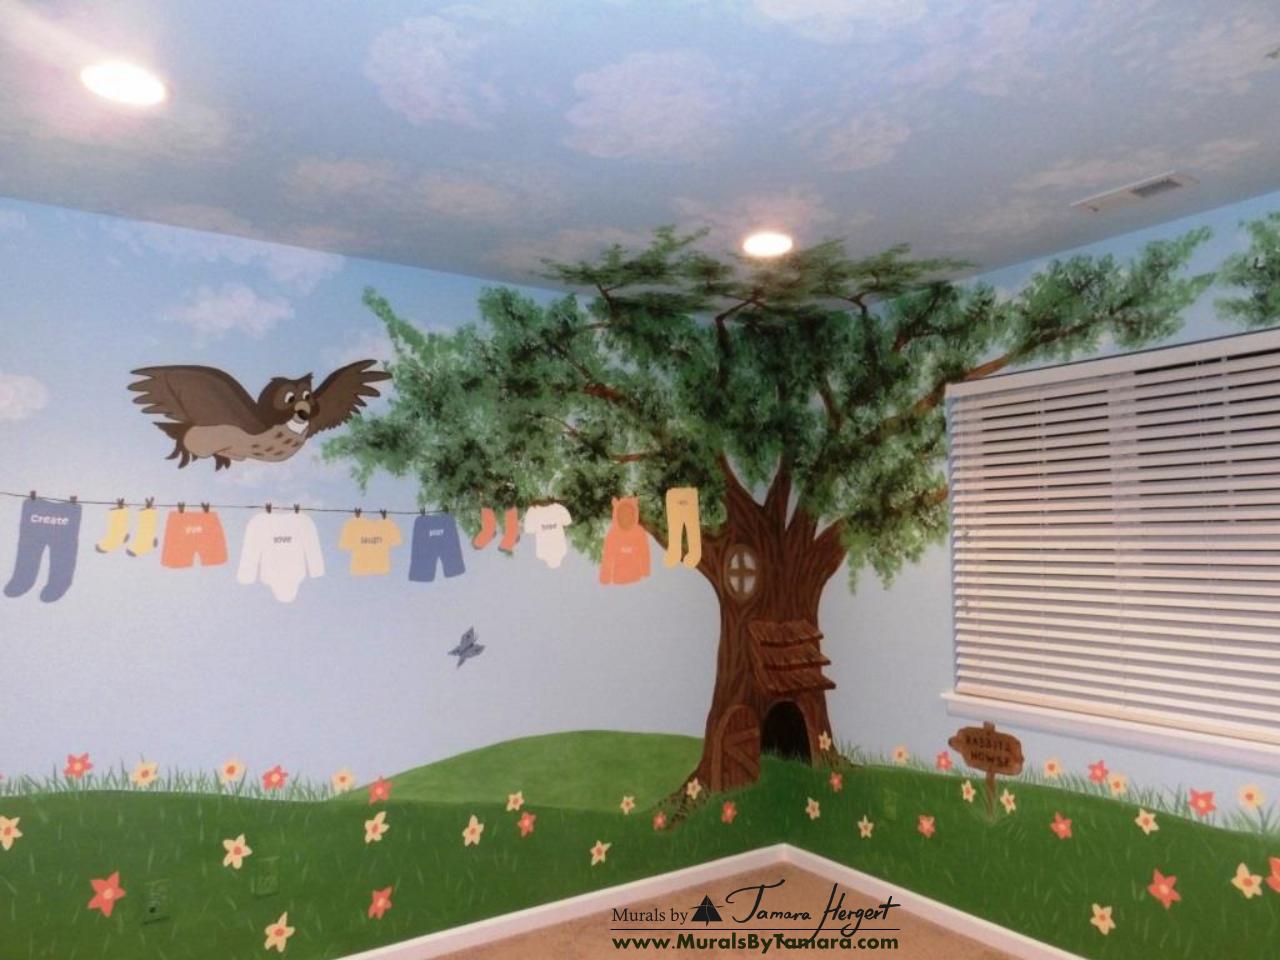 Winnie the Pooh mural left corner - kids room mural by Tamara Hergert